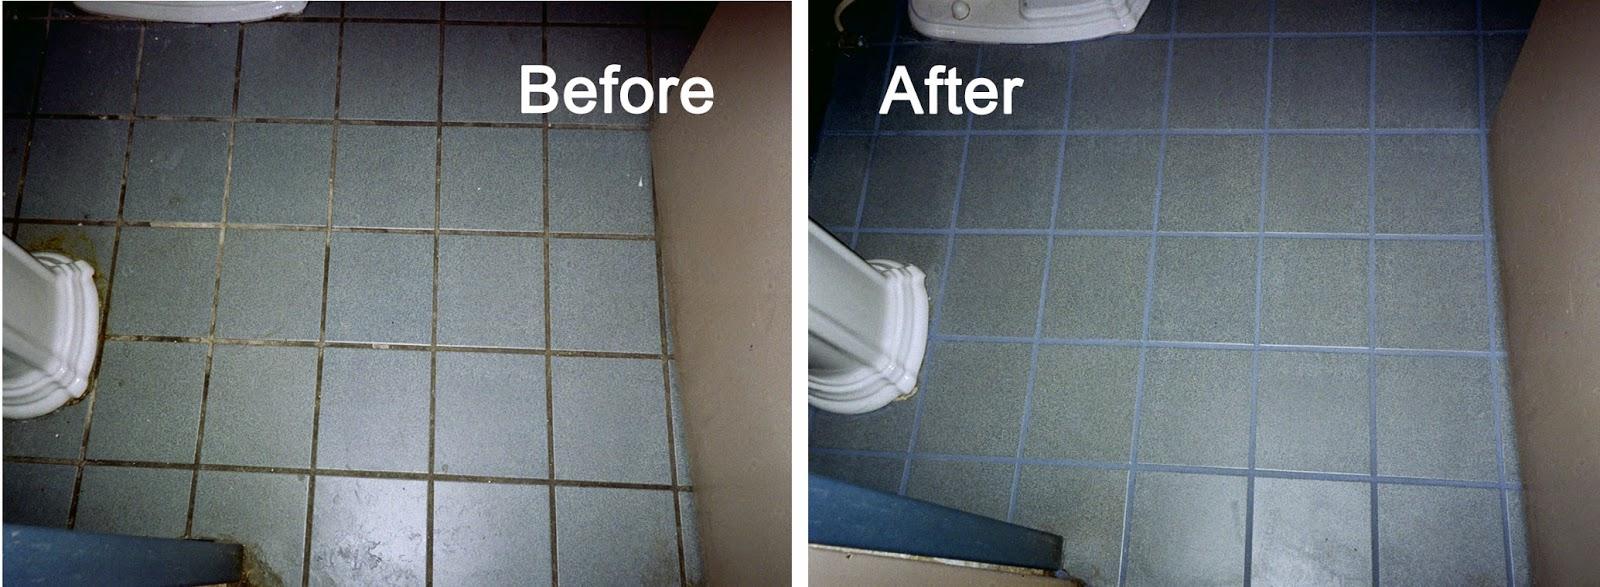 تنظيف أرضية المطابخ والحمامات مثل المحترفين